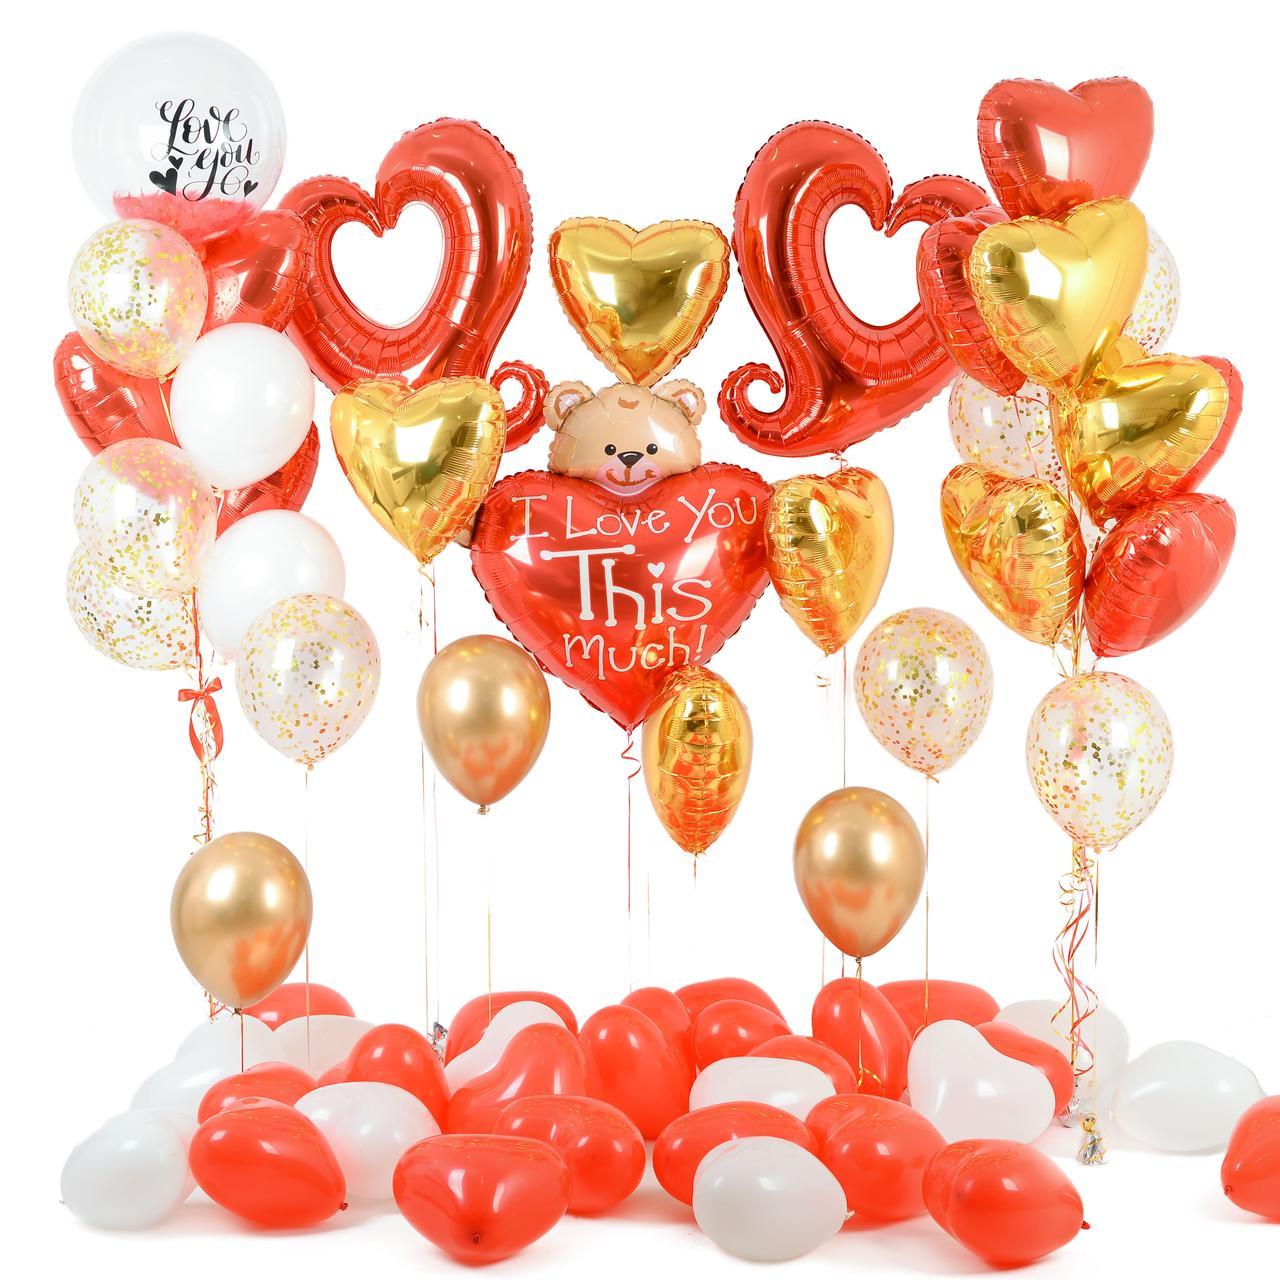 Оформление романтической фотозоны из воздушных шаров на 14 февраля